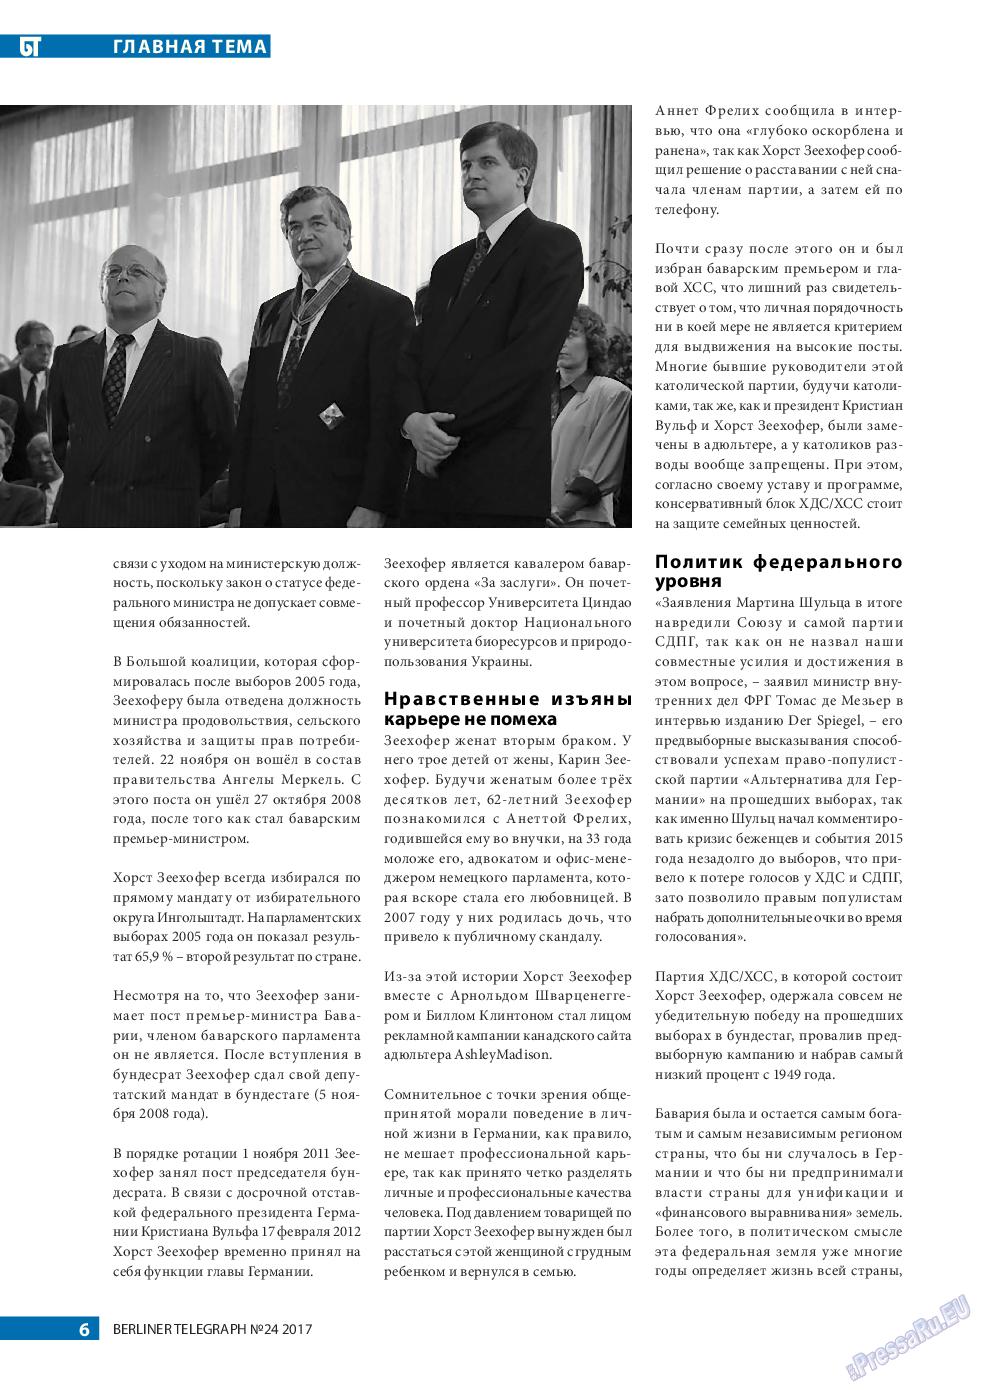 Берлинский телеграф (журнал). 2017 год, номер 24, стр. 6